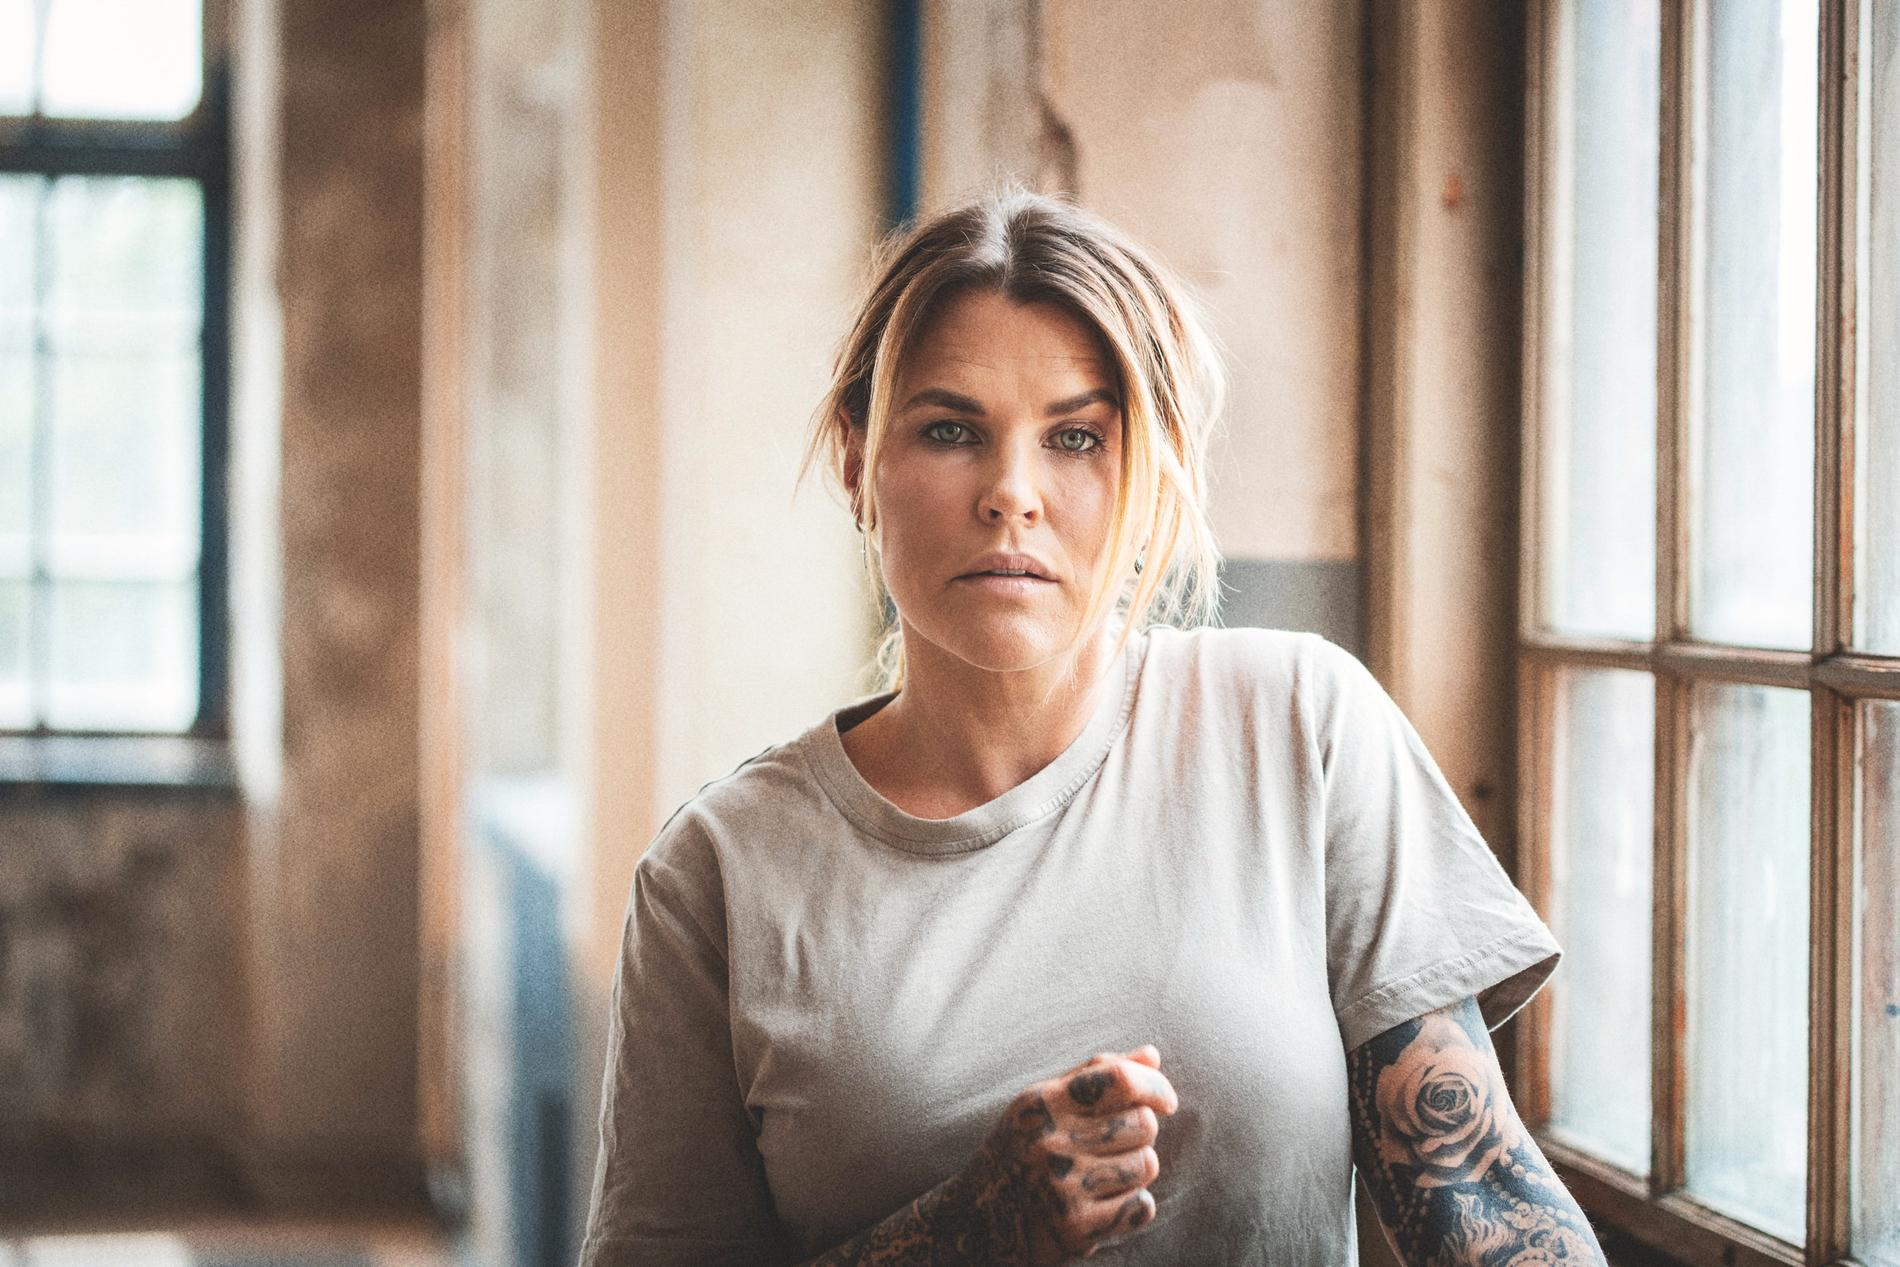 """Mia Skäringer Lázár släpper sitt deutalbum """"Maria"""" i oktober. Den 6 augusti kommer den första singeln """"Aldrig nu"""", skriven av Molly Sandén. Pressbild."""